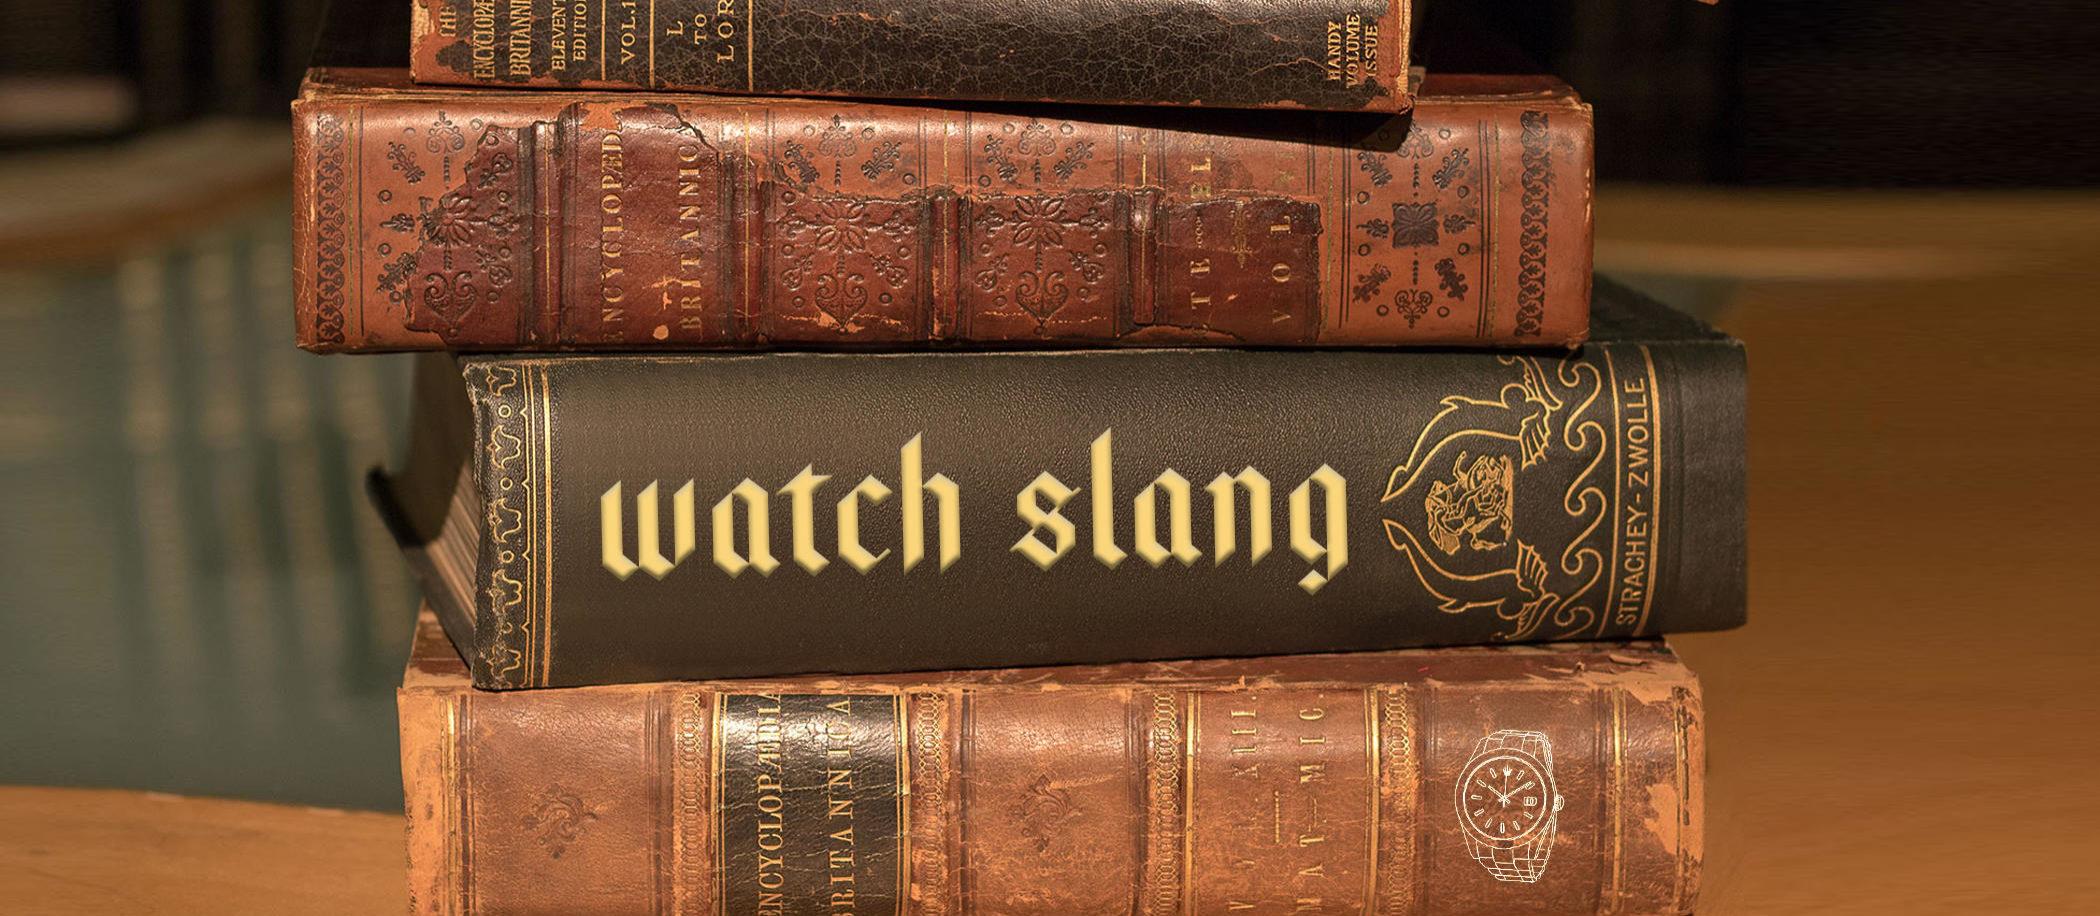 Watch slang